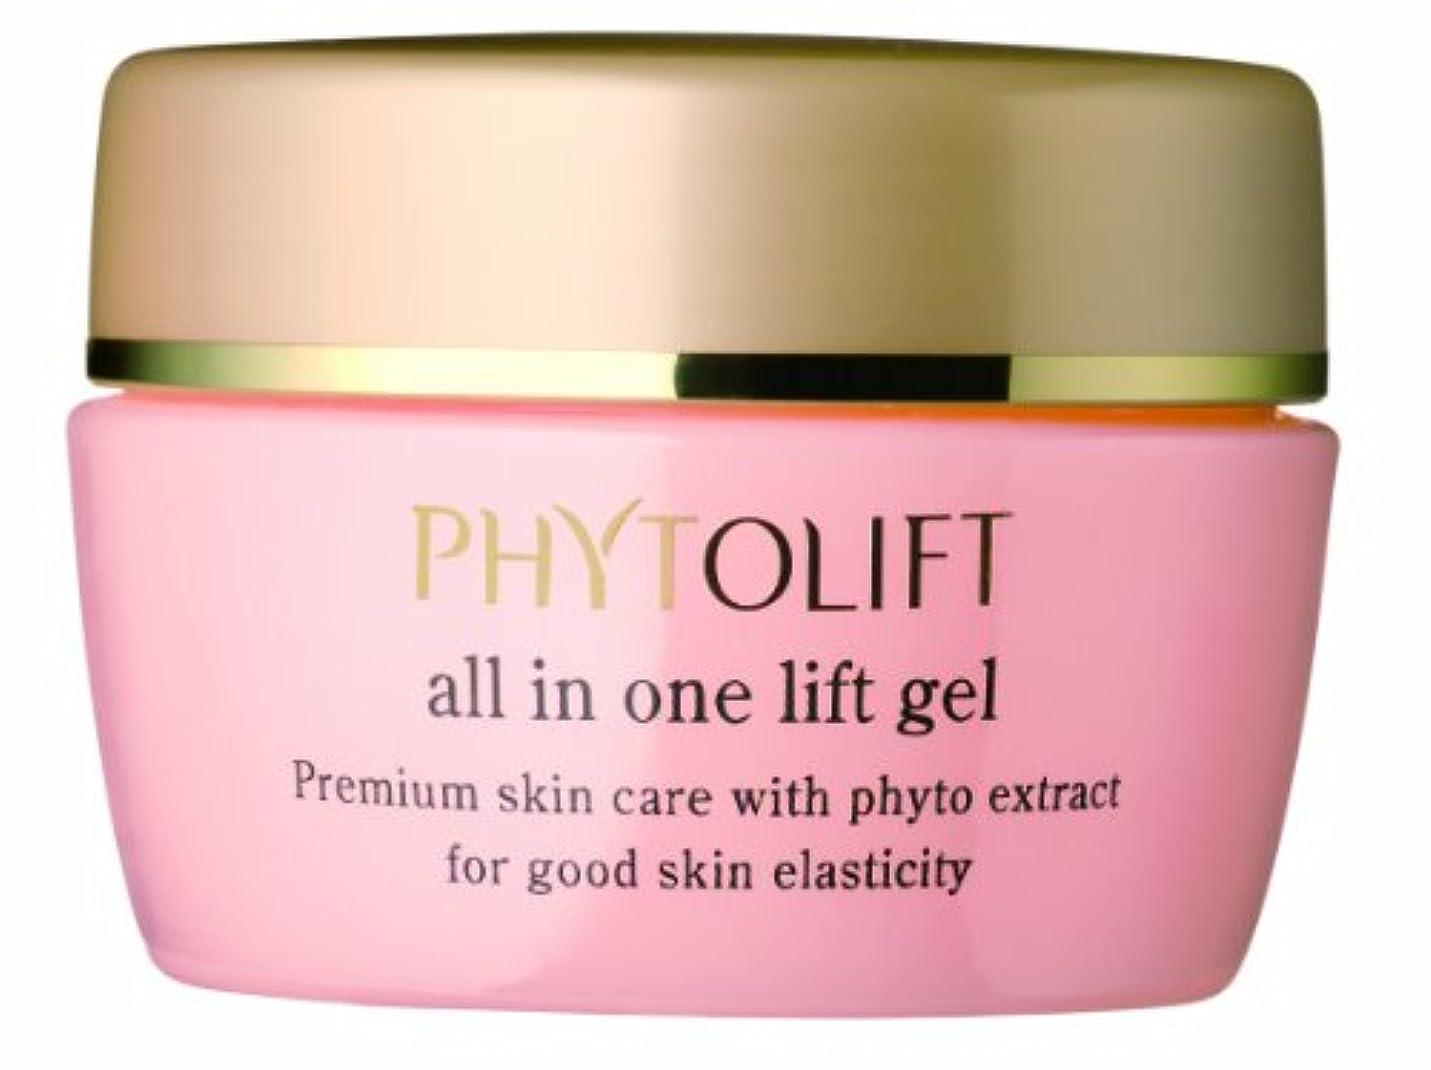 値下げ洞察力のある測定PHYTOLIFT(フィトリフト) オールインワンジェル〈美容ジェルクリーム〉 50g